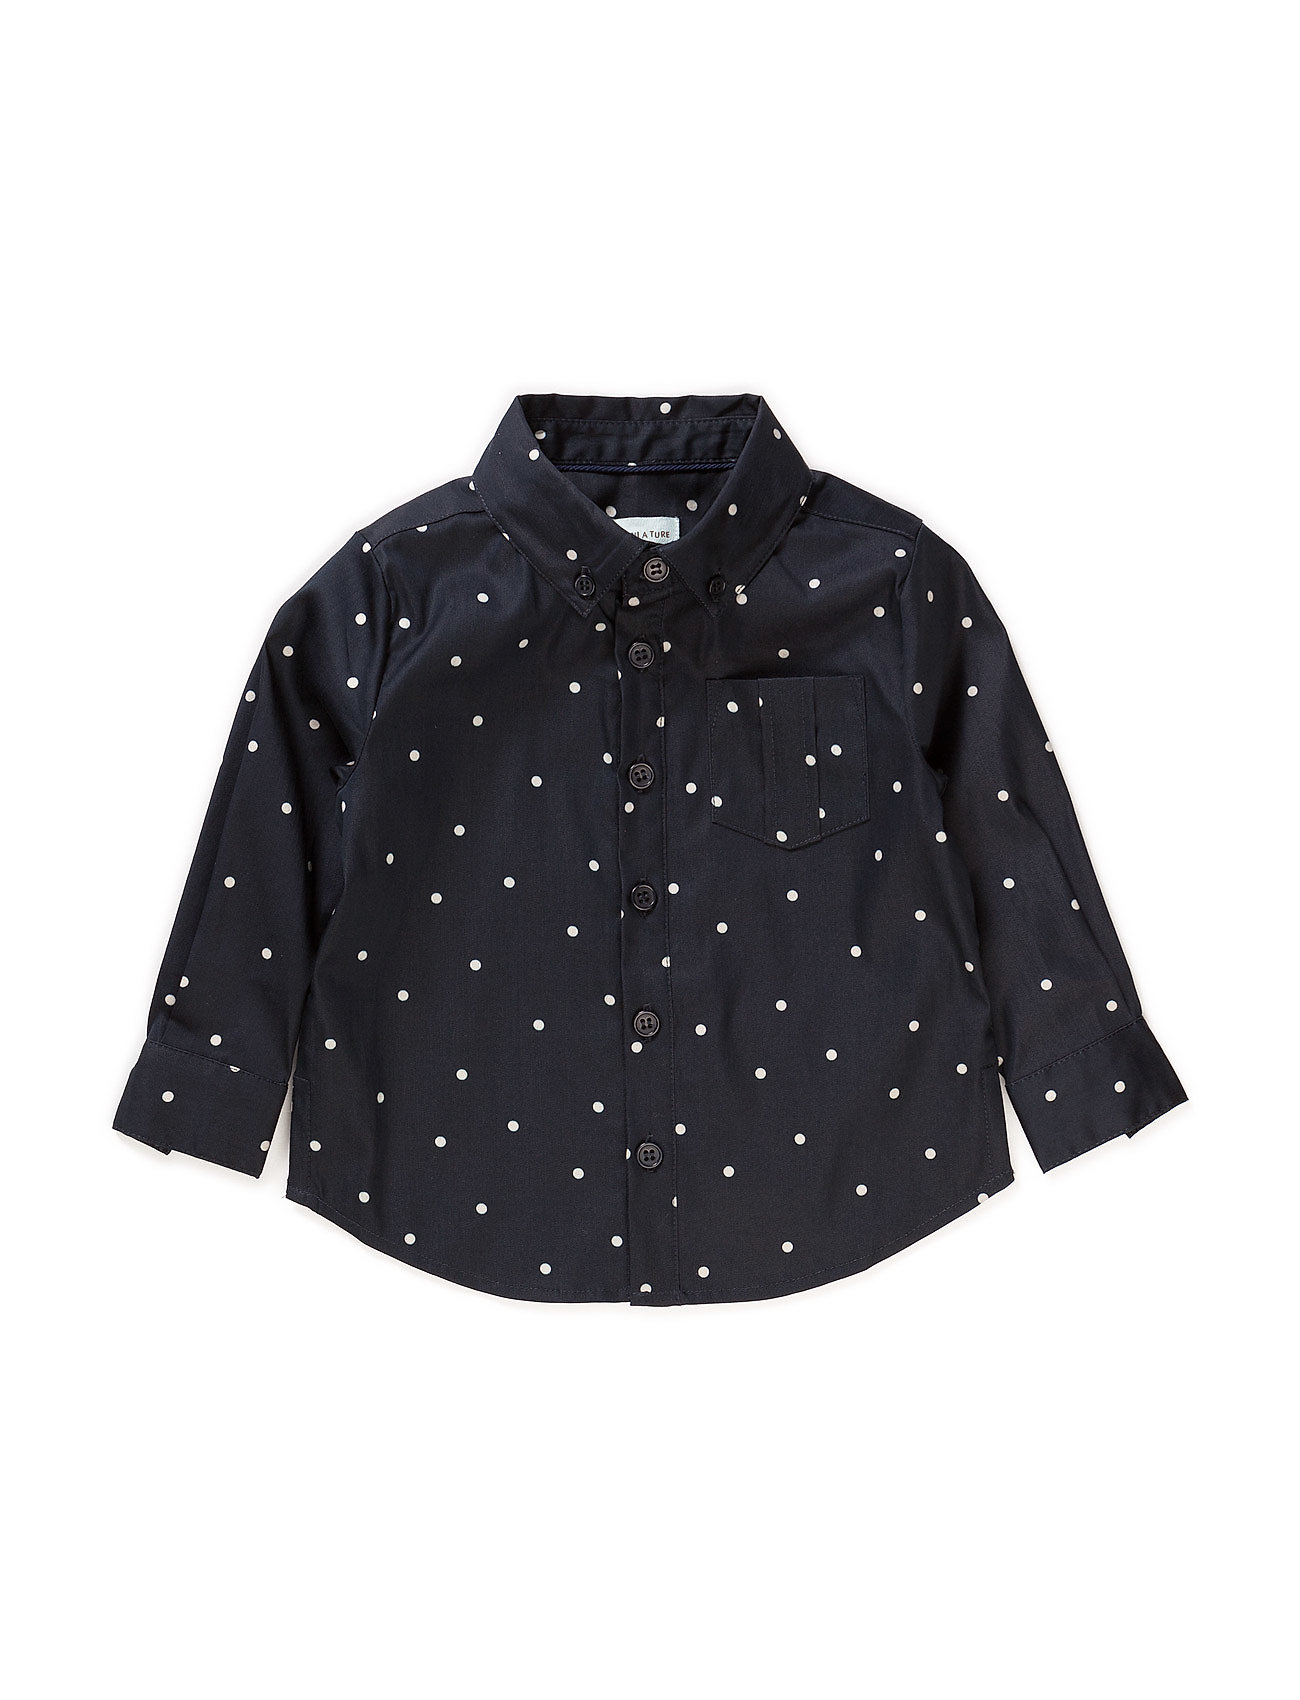 Mini A Ture Jeppe, MK Shirt